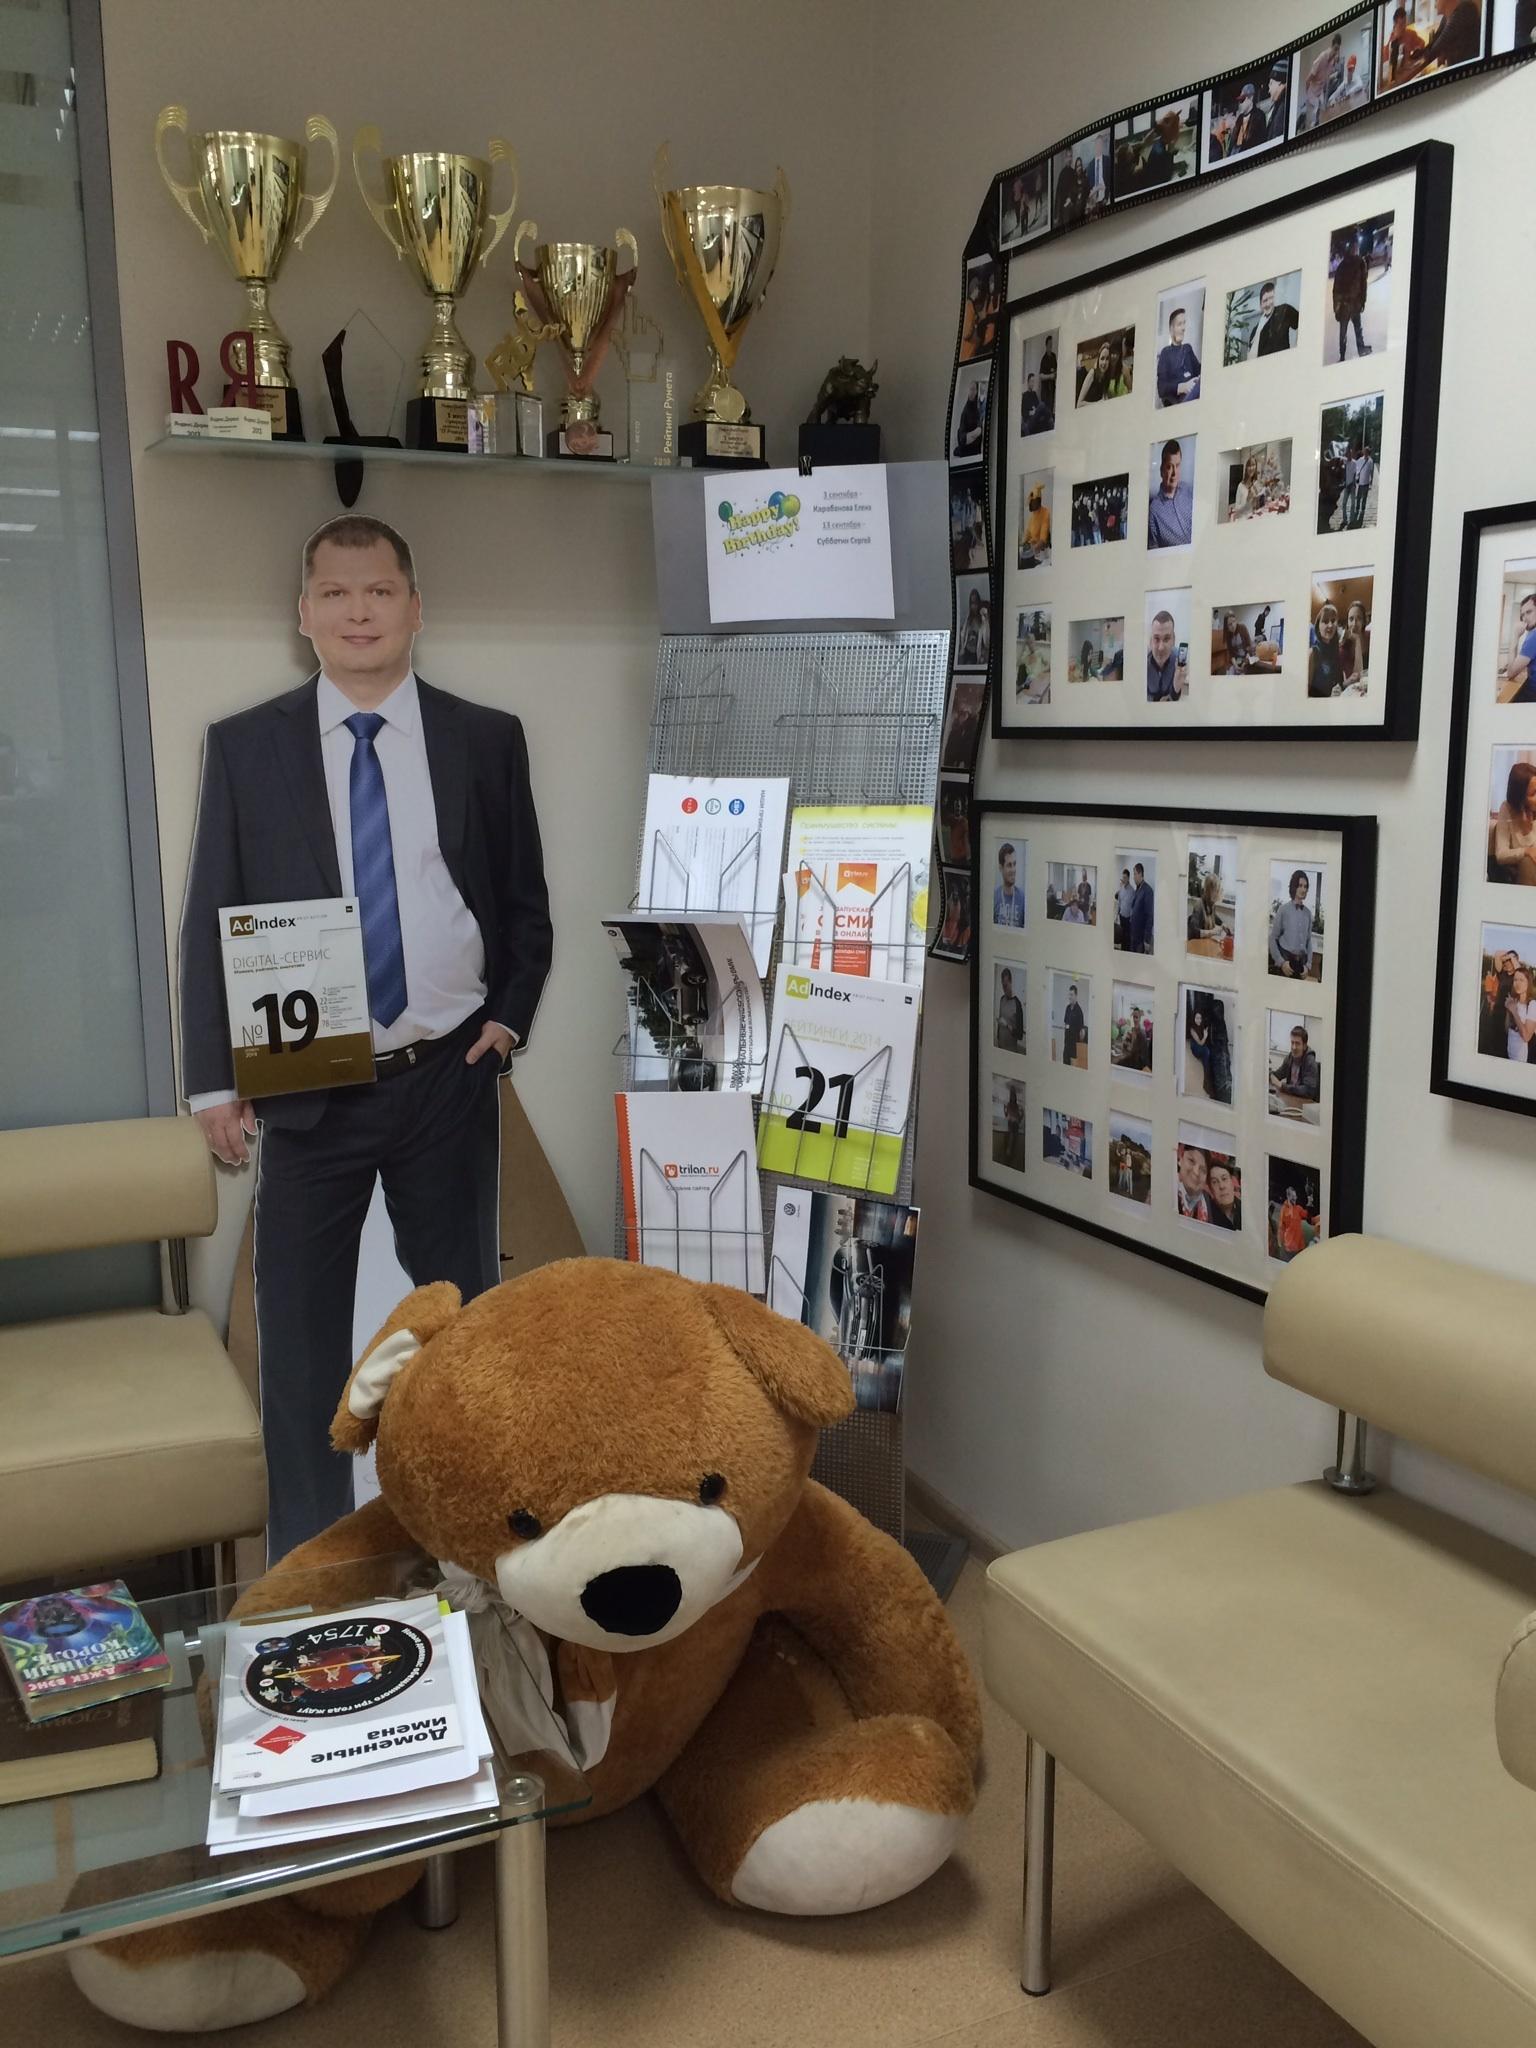 Андрей Воропаев, ТриЛан: «В 40 лет бизнес только начинается» - 3